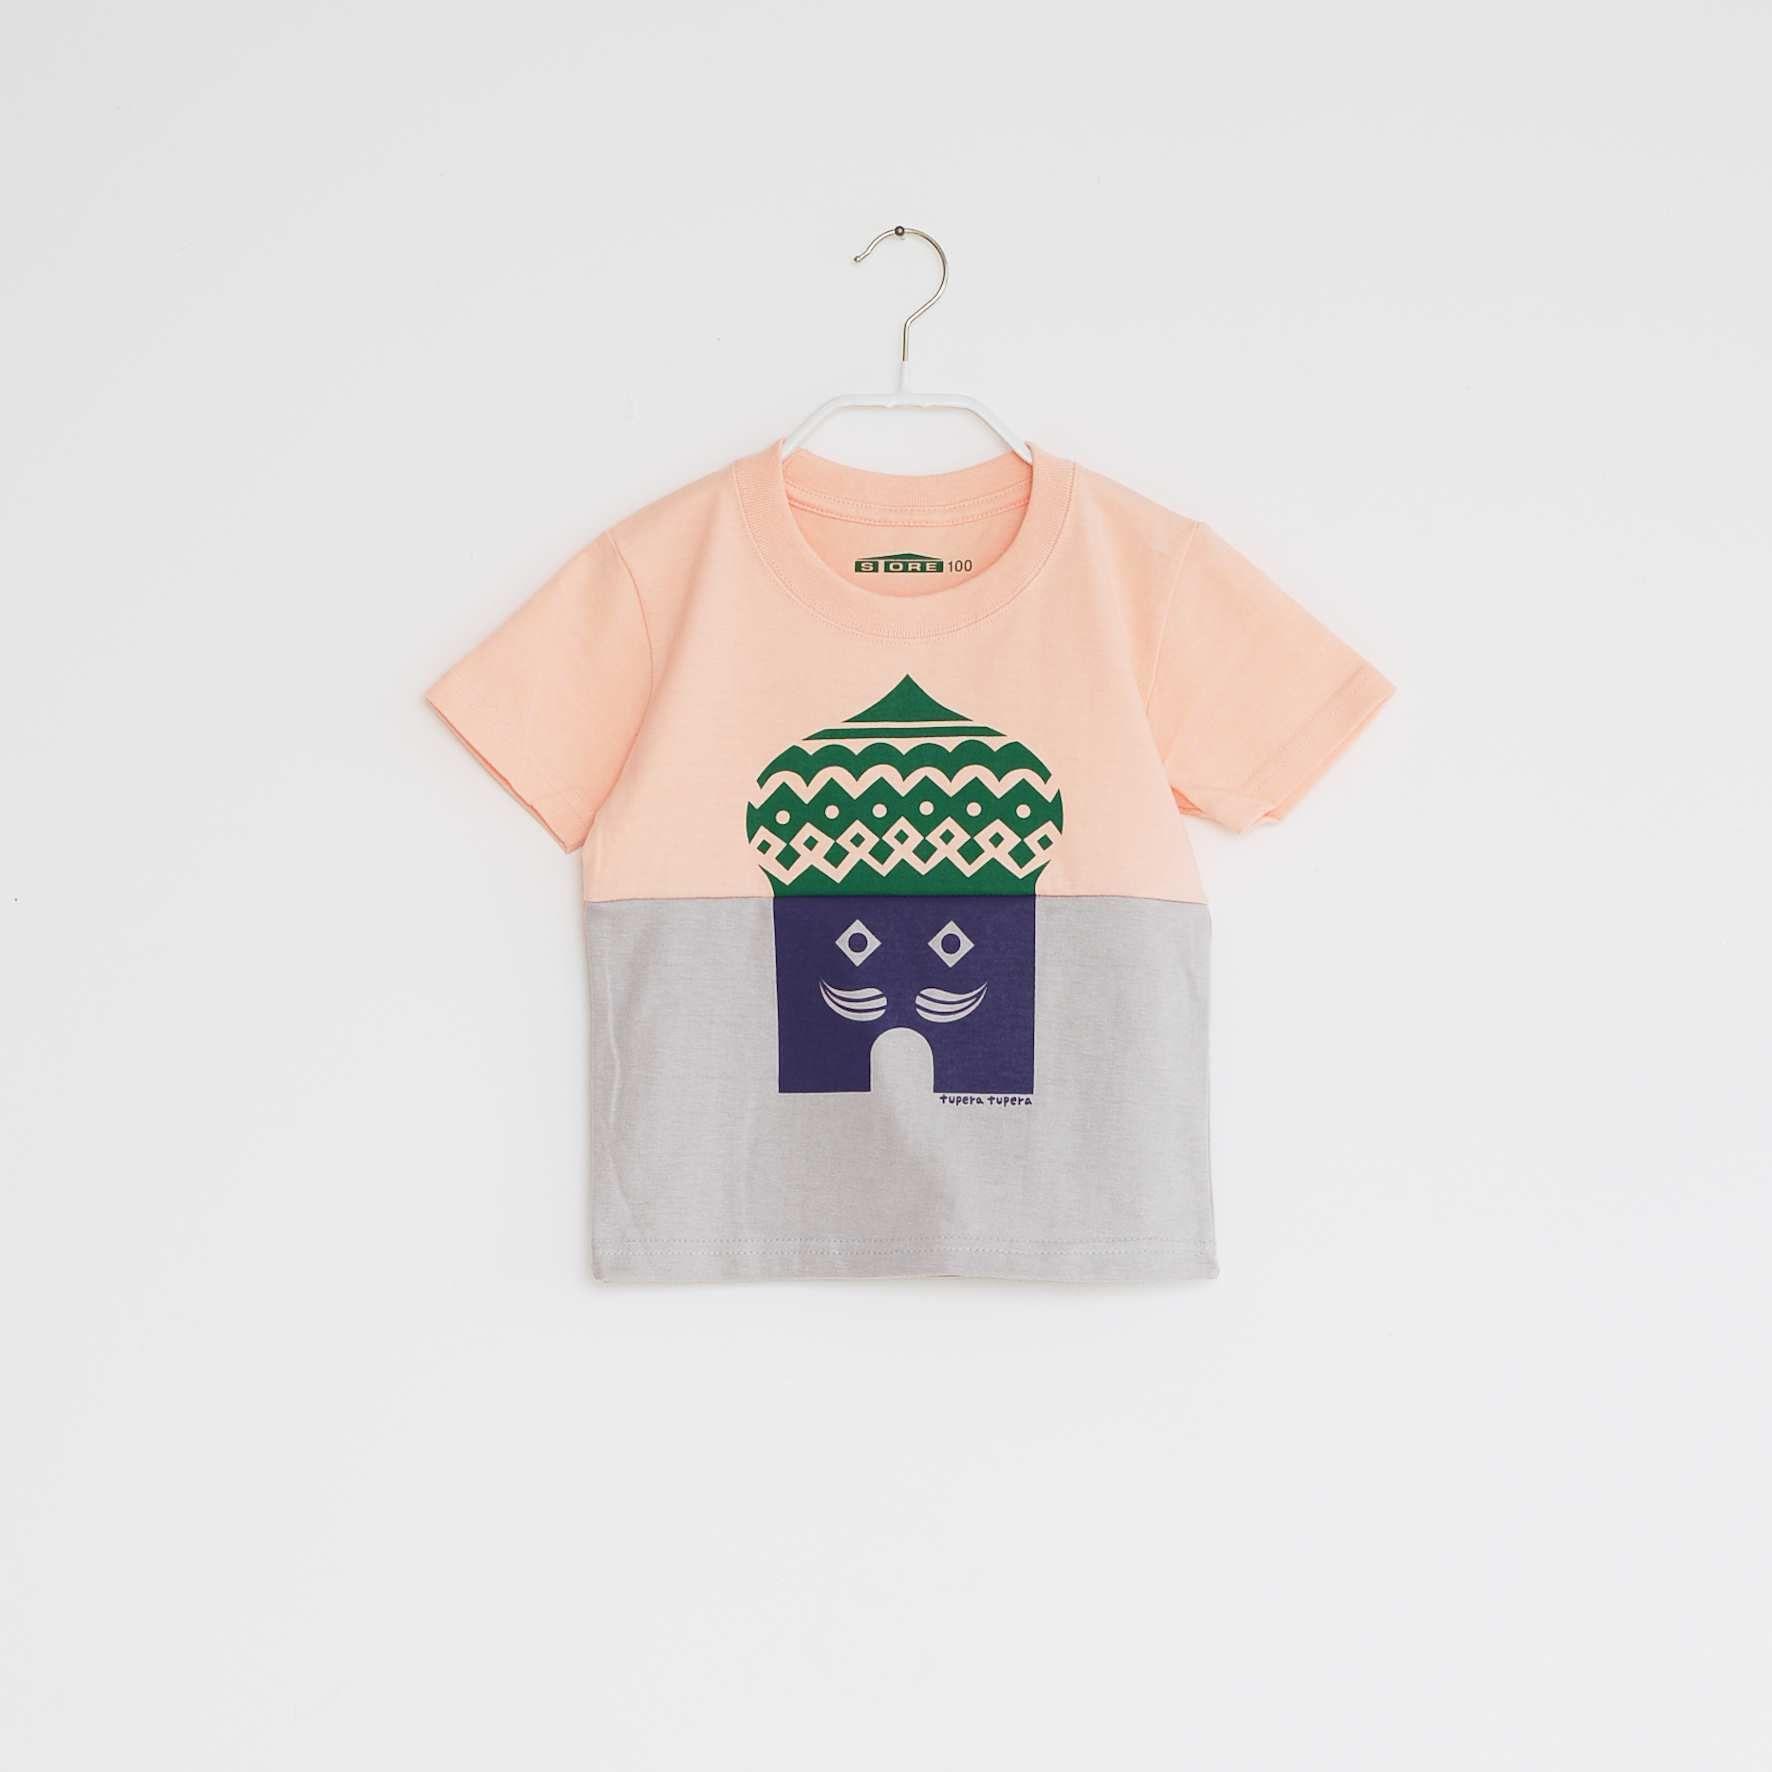 KIDS / tupera tupera ×STORE 家 T -シャツ  / 柄・ロシアハウス・ col・サーモンピンク×ライトグレー